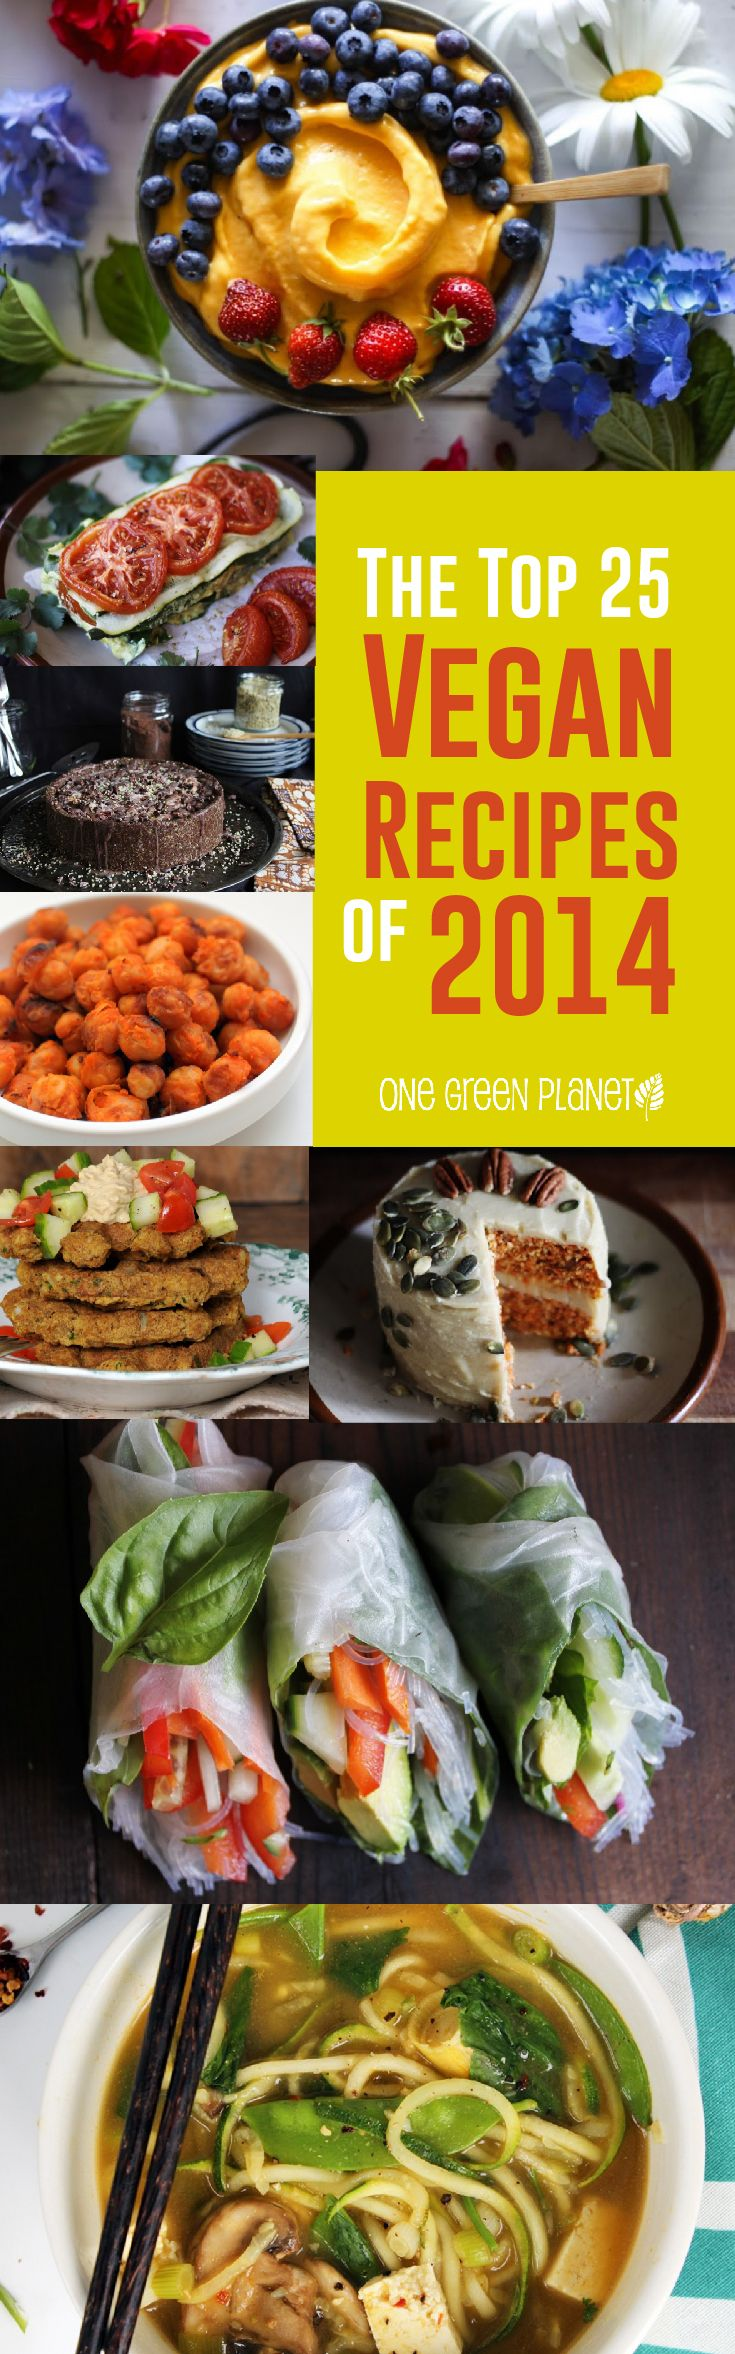 http://onegr.pl/1HZvkC5 #vegan #vegetarian #recipes #vegetarian #recipe #veggie #recipes #healthy